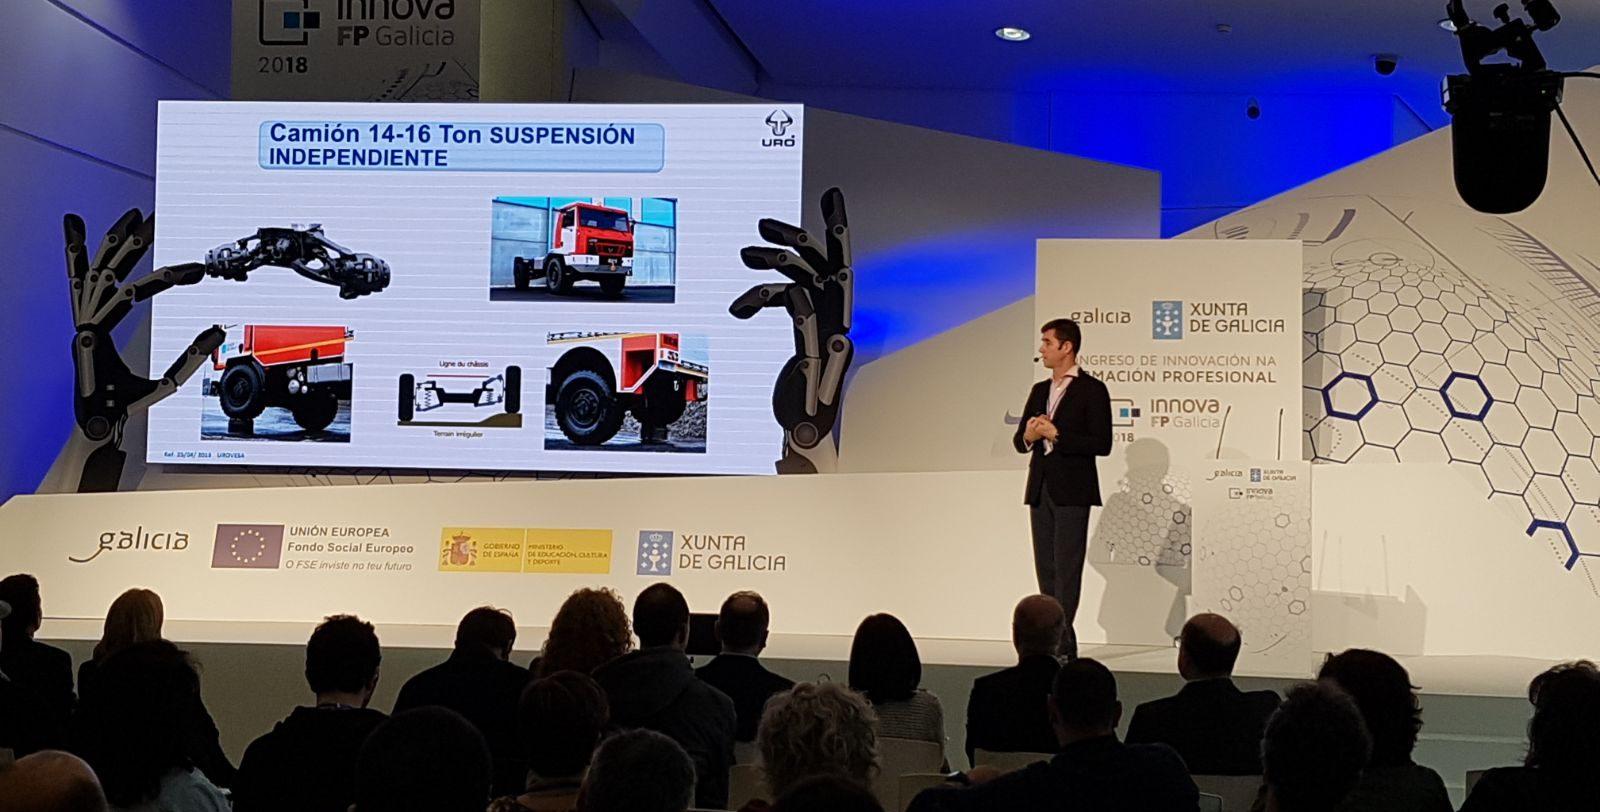 Congreso de Innovación na Formación Profesional 2018 en Santiago de Compostela